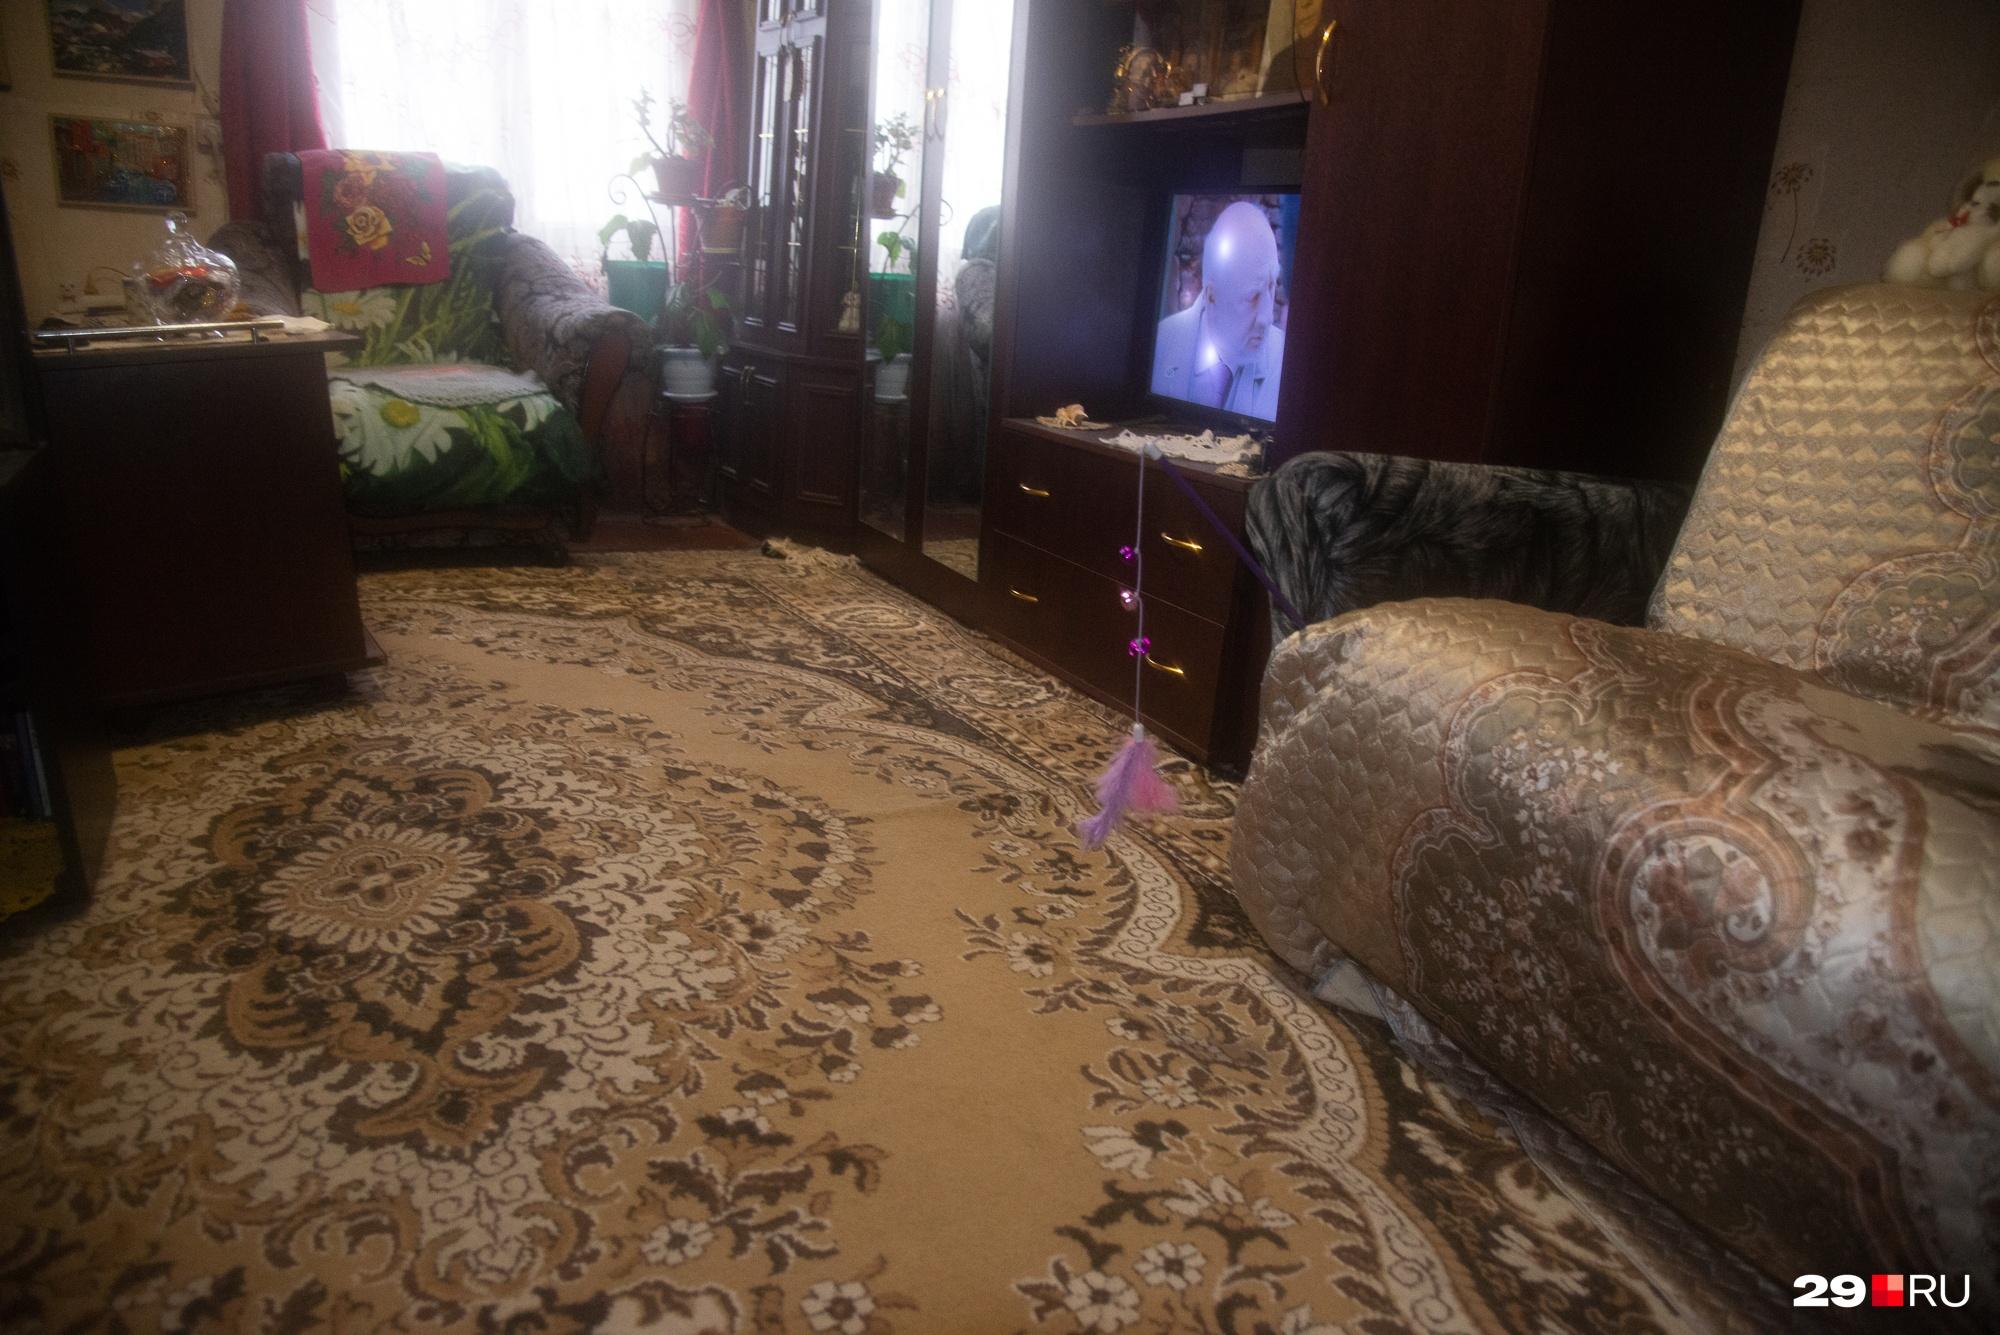 В квартире пенсионерки Светланы в гостиной пол накренился и «поехал»